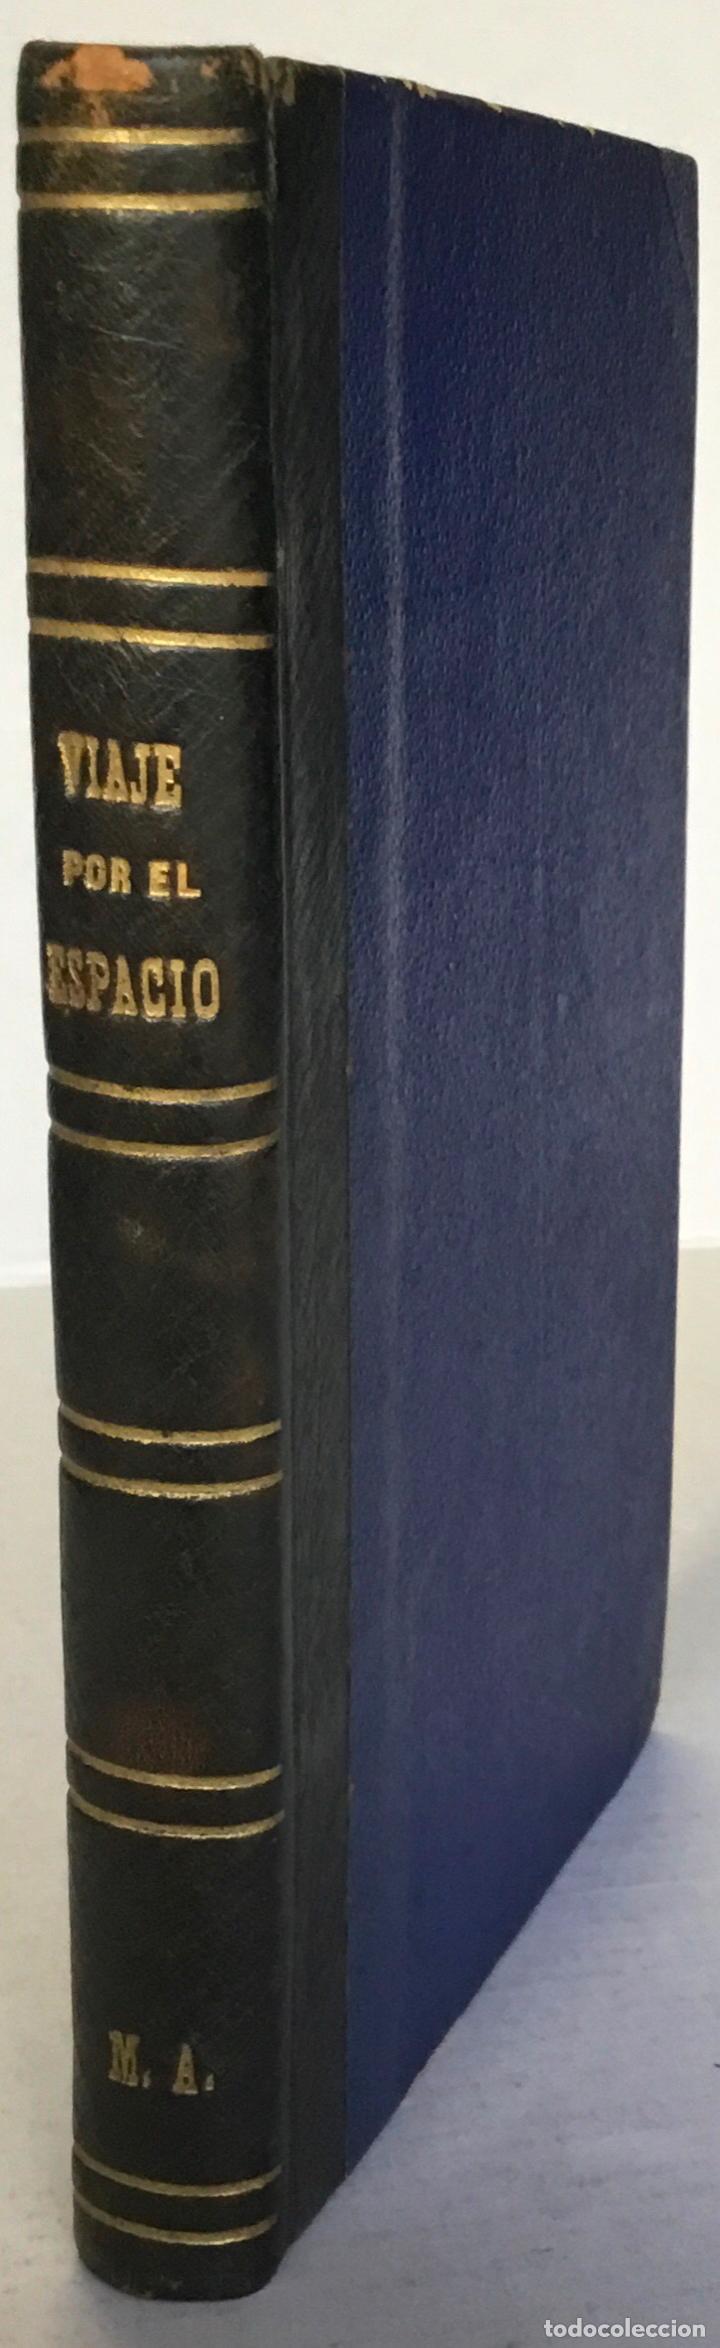 VIAJE POR EL ESPACIO. ÚLTIMOS ESTUDIOS ASTRONÓMICOS. - FLAMMARION, CAMILO. (Libros Antiguos, Raros y Curiosos - Ciencias, Manuales y Oficios - Astronomía)